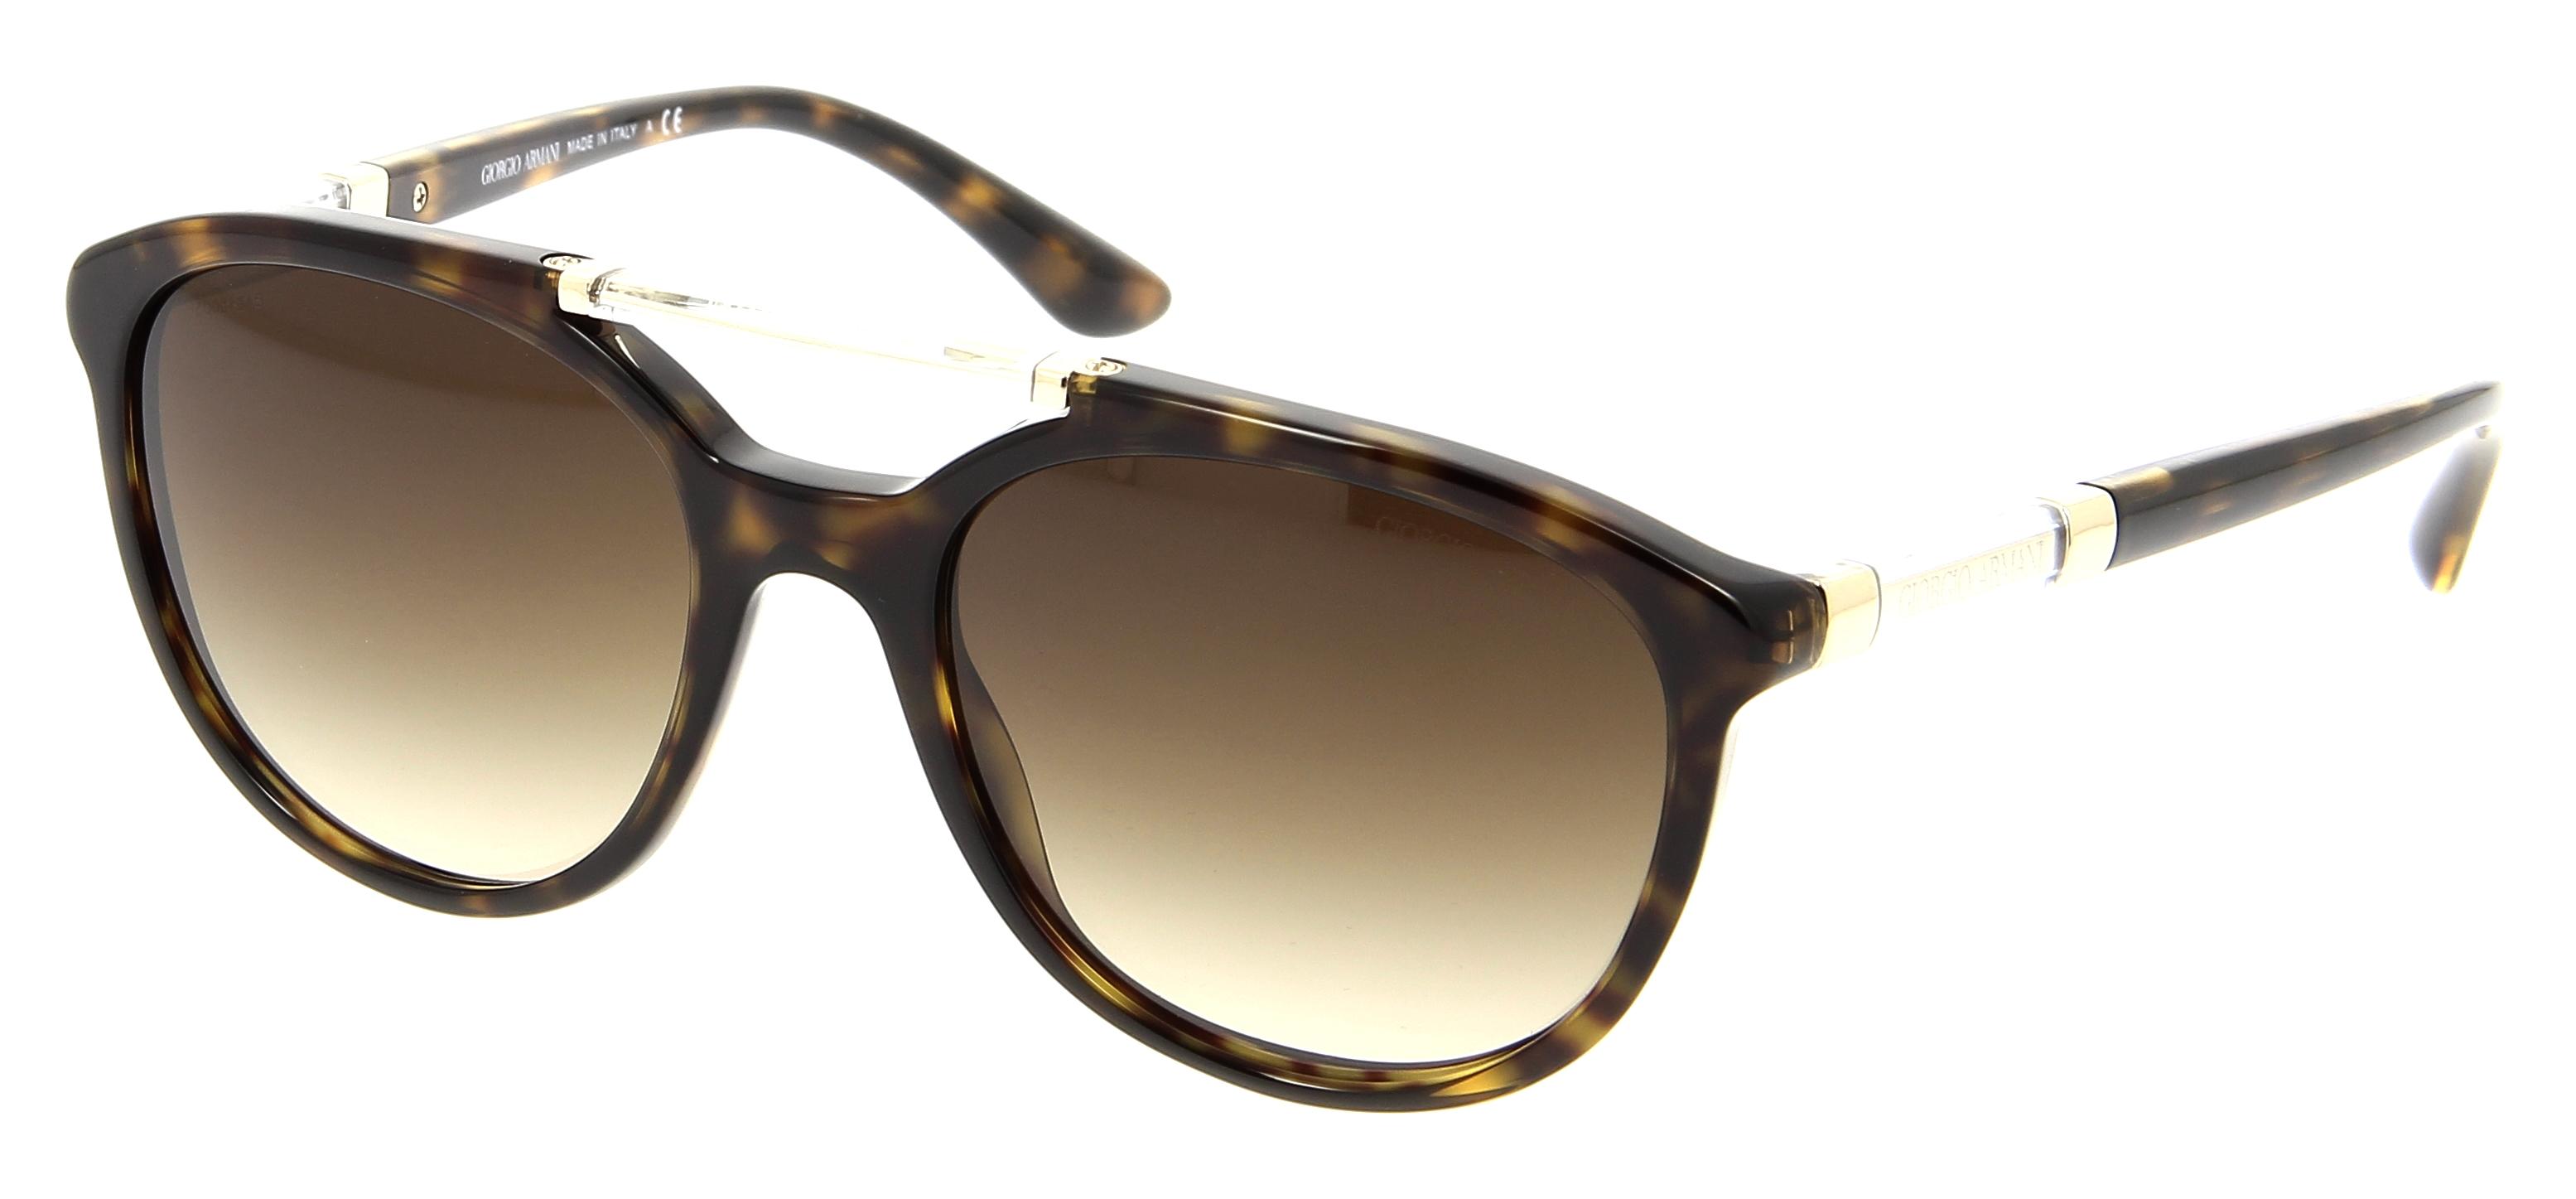 OFF61%  Achat lunettes de soleil giorgio armani homme   Livraison ... 4c4db22e8215